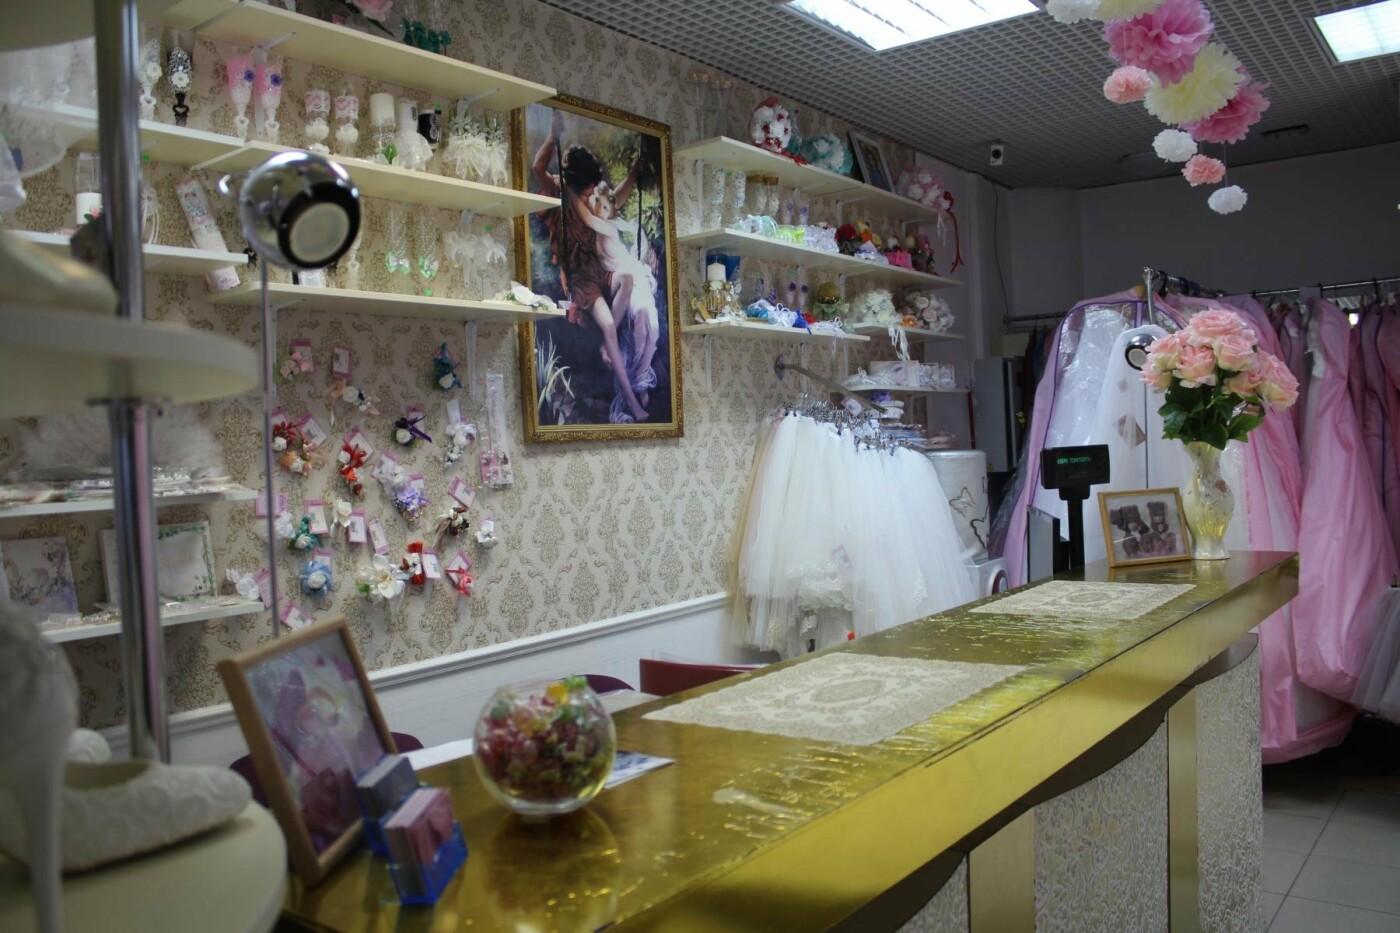 Выбираем платье мечты. Семь важных советов для будущей невесты, фото-9